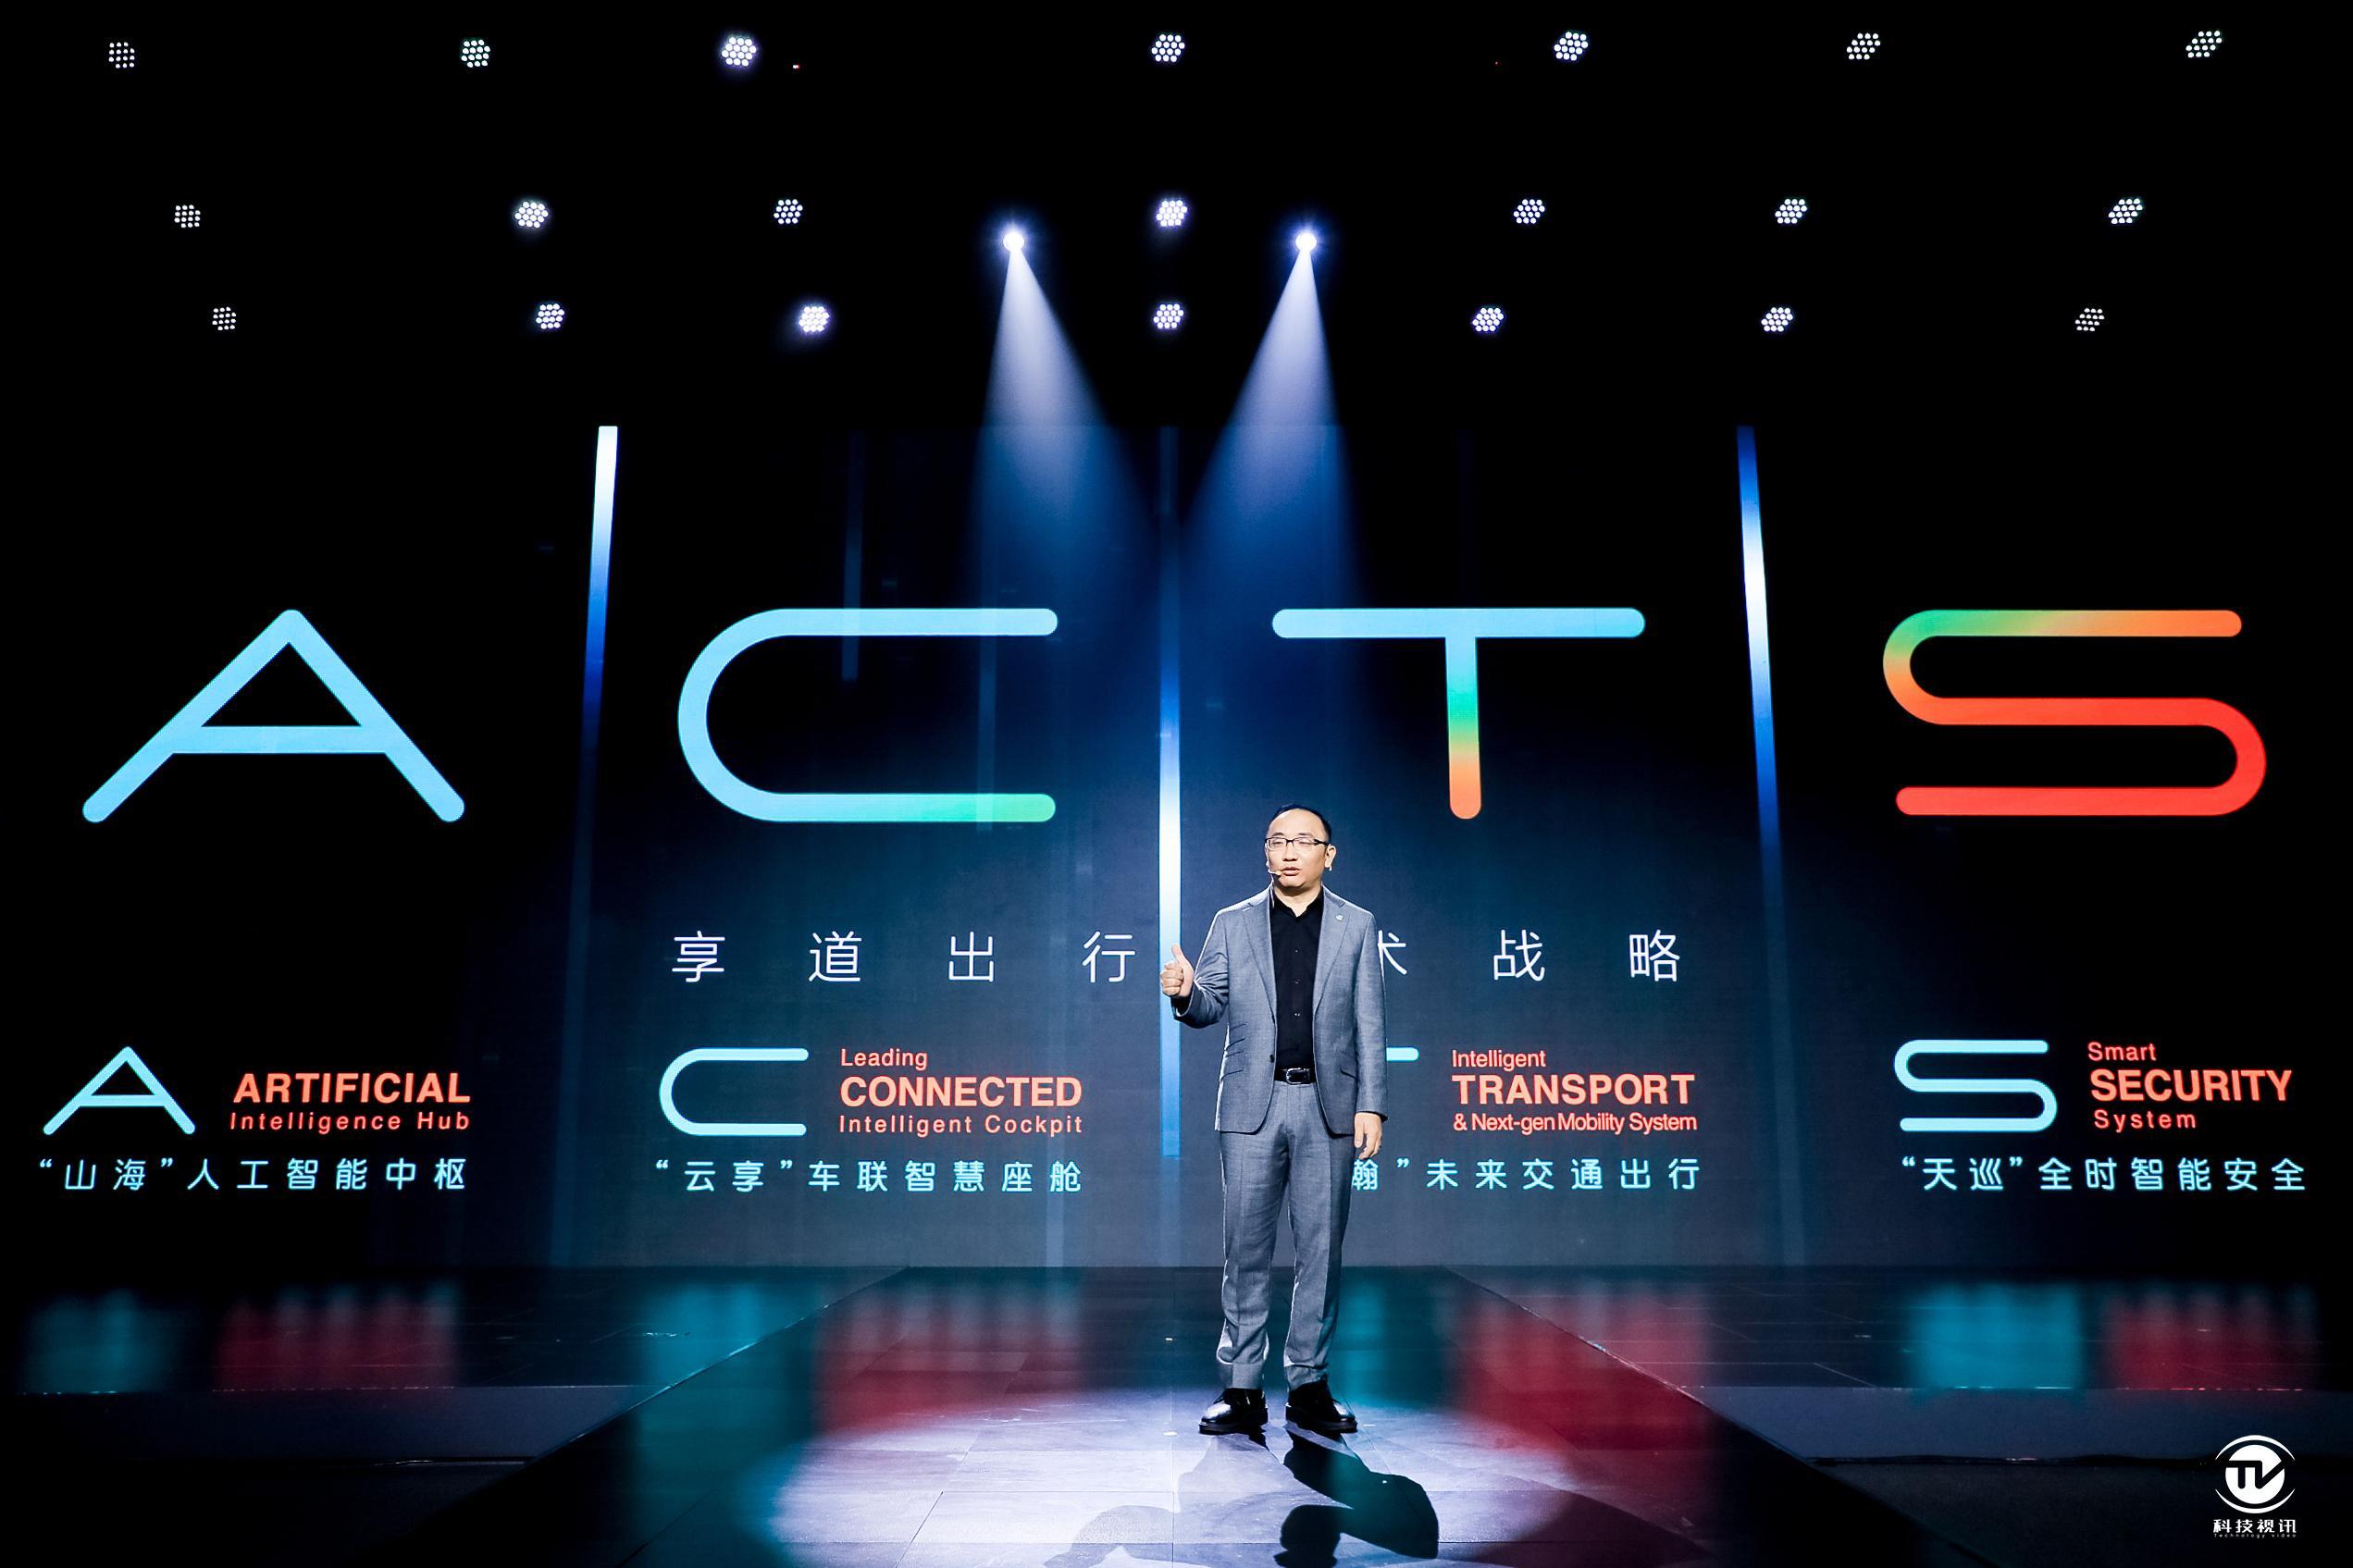 享道出行发布全新技术战略ACTS.jpg